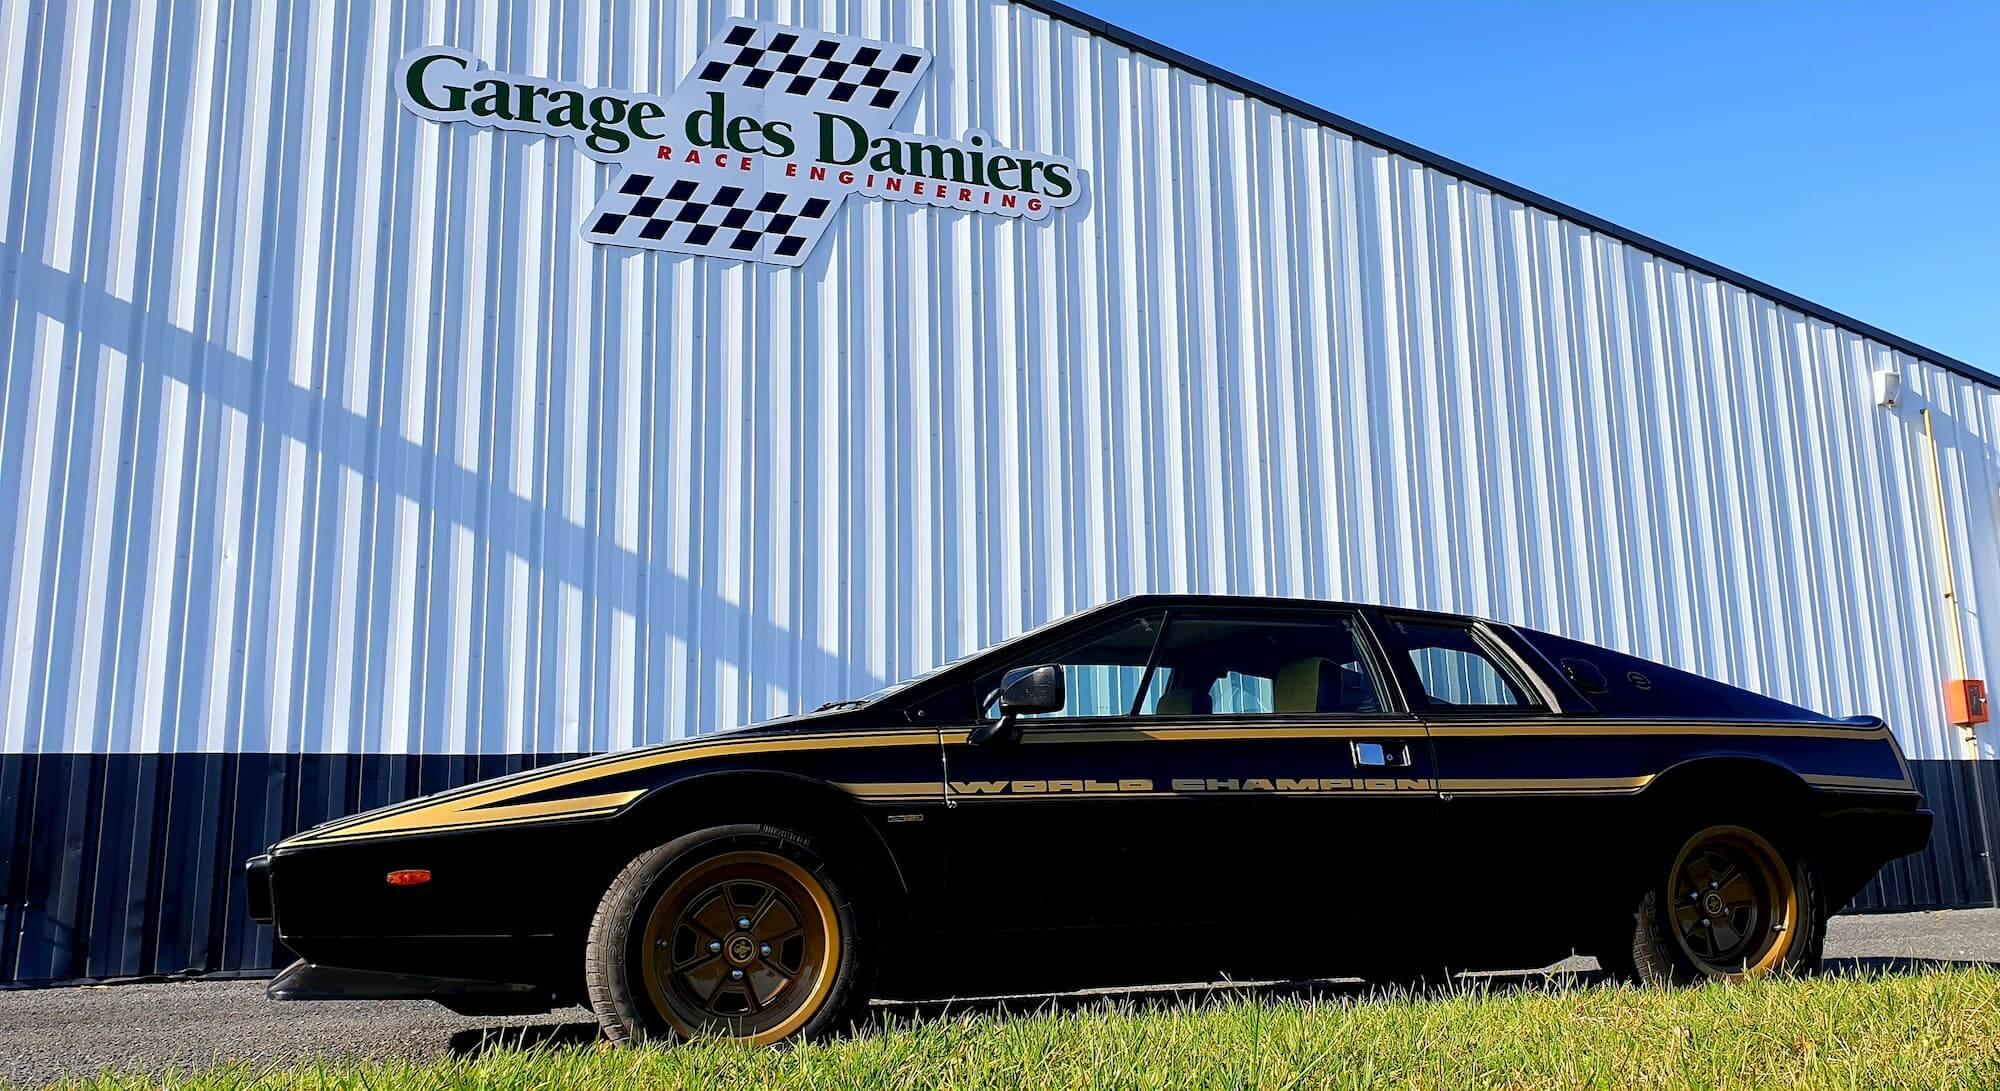 Lotus Esprit - Garage des Damiers - Atelier mécanique voiture de collection